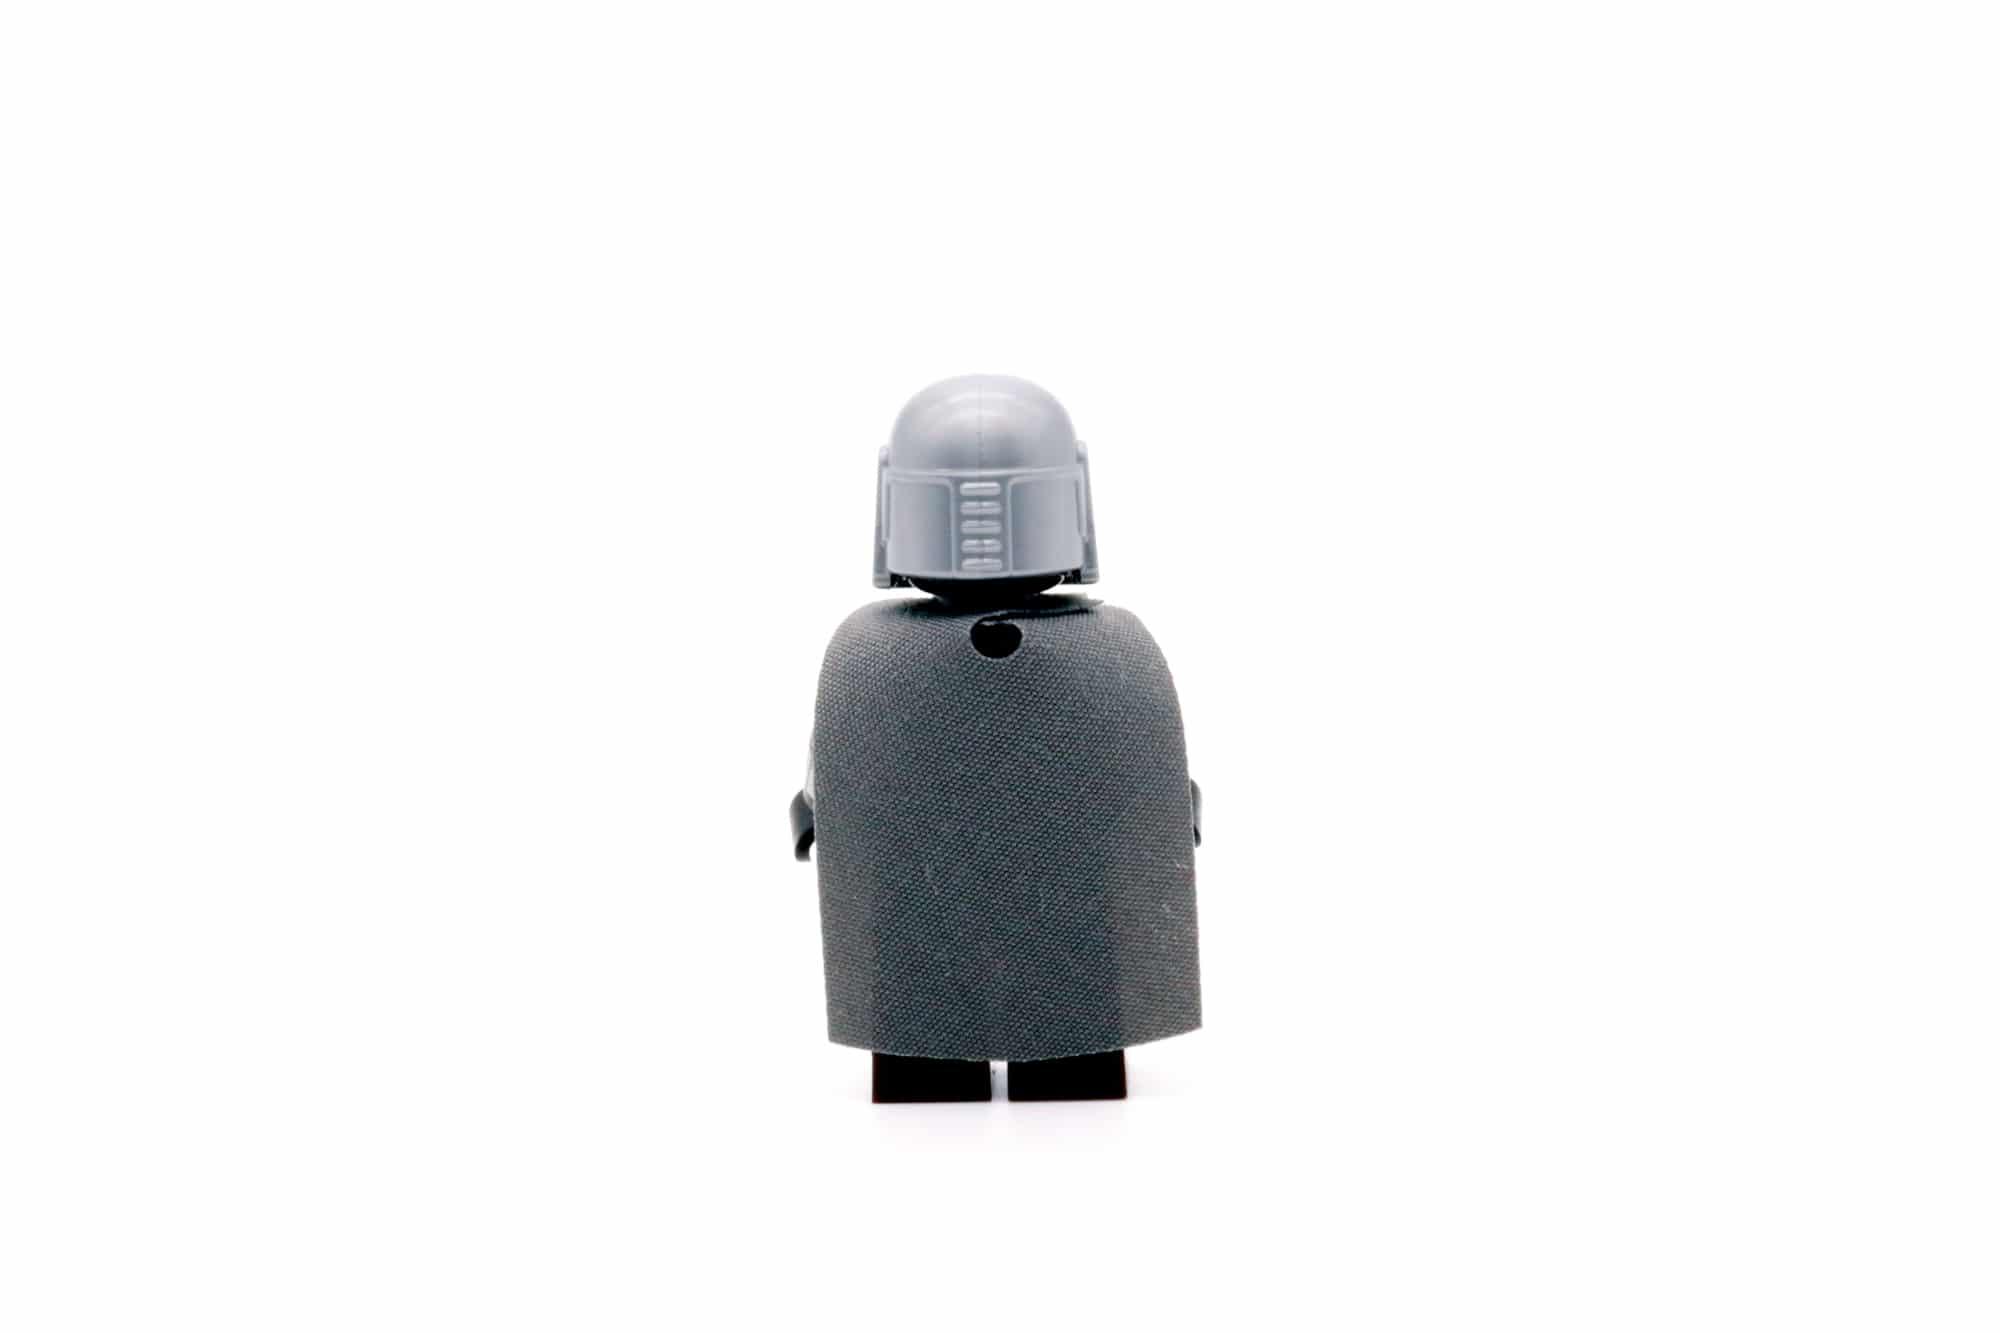 LEGO Star Wars 75312 Boba Fetts Starship 44